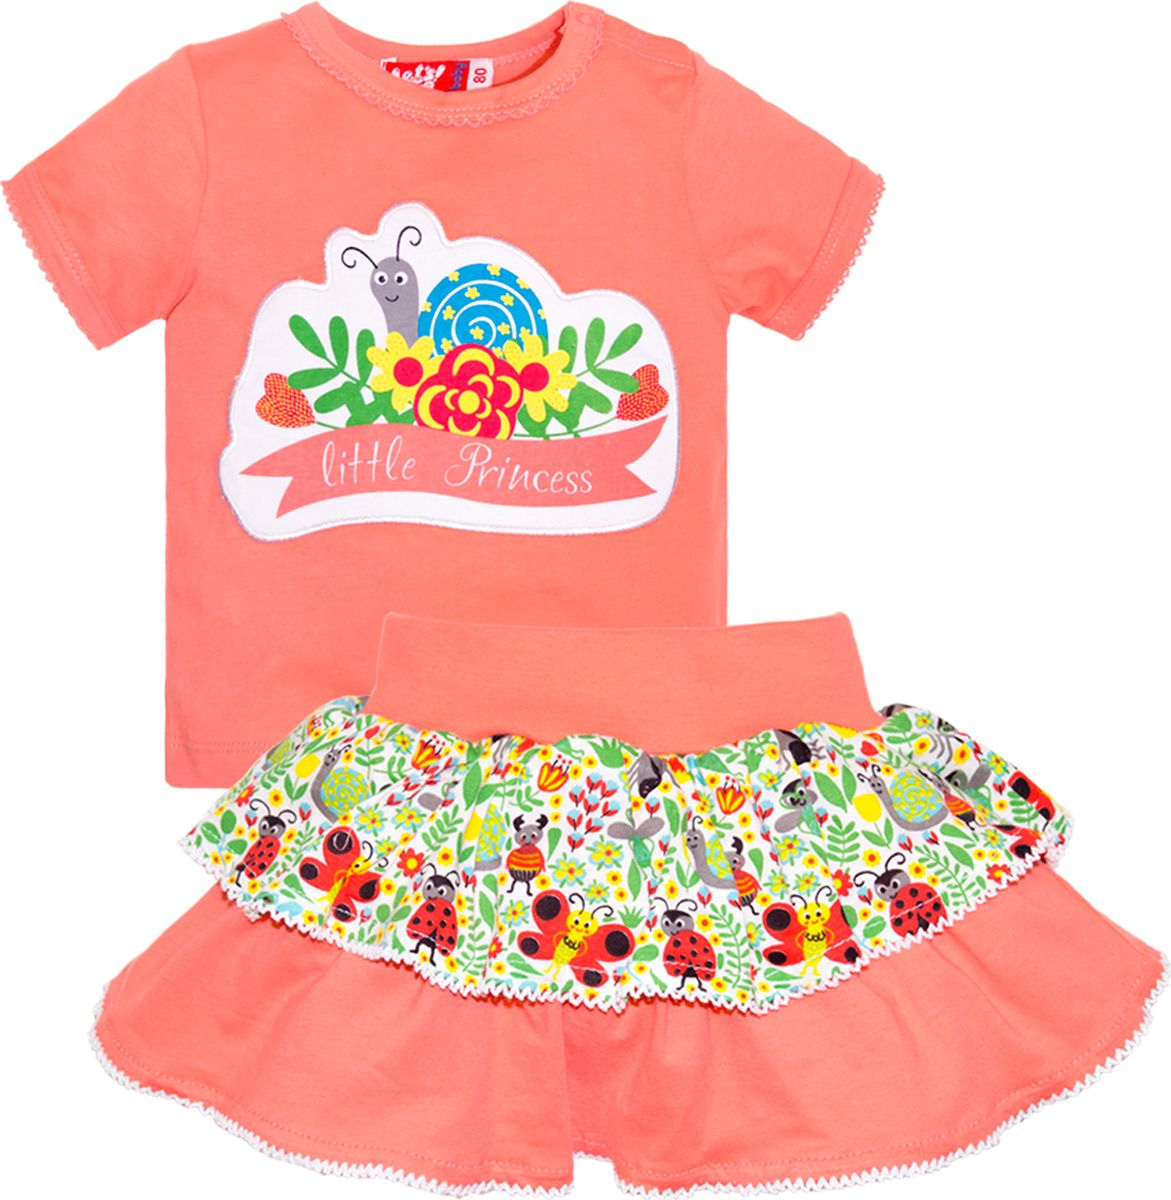 Комплект одежды для девочки Let's Go: футболка, юбка, цвет: розовый. 4131. Размер 86